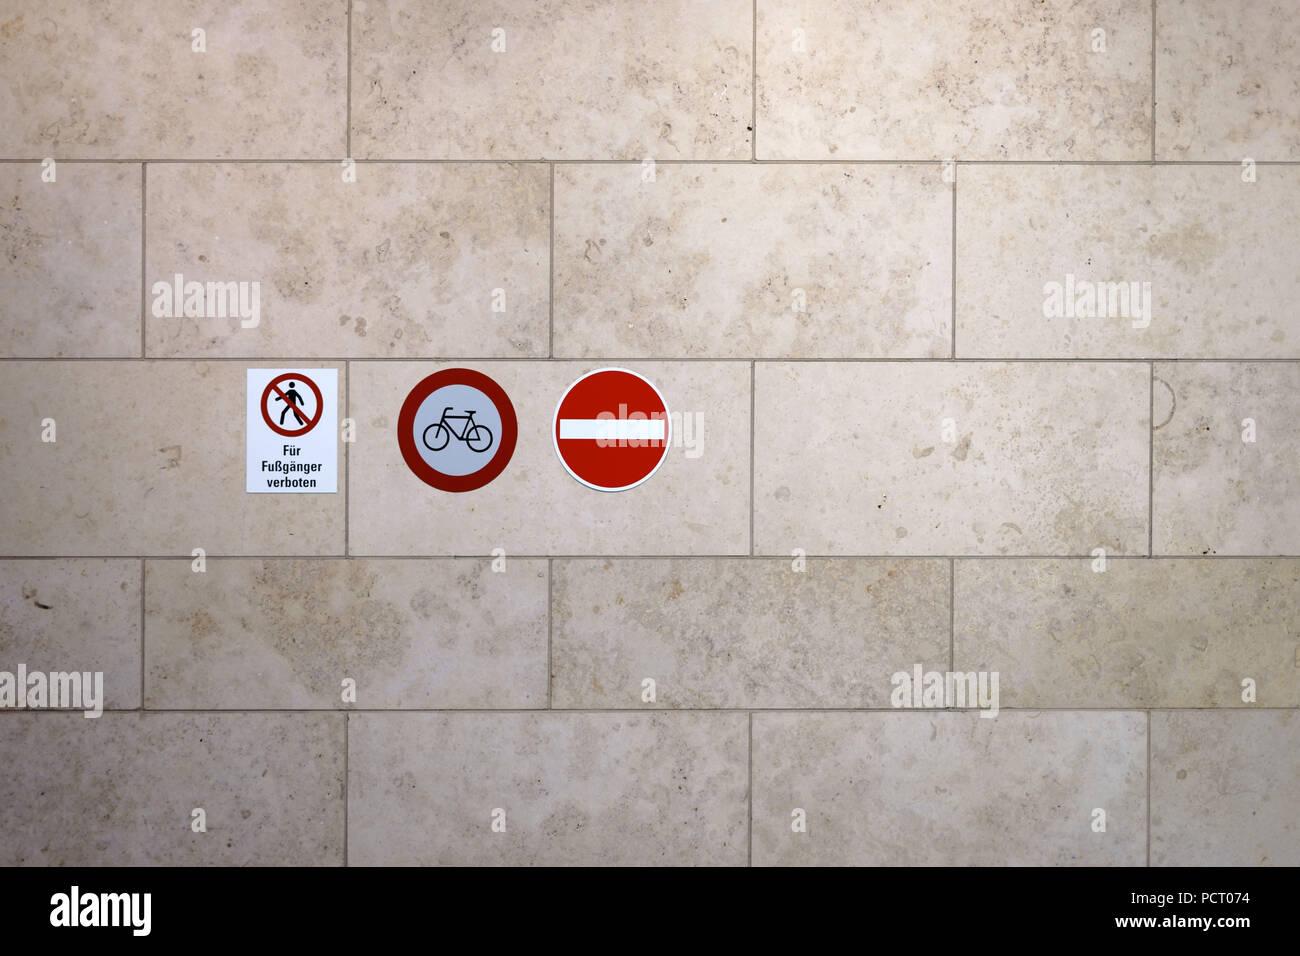 Rote Verkehrsschilder wie Passage auf einem Marmor Wand verboten Stockbild